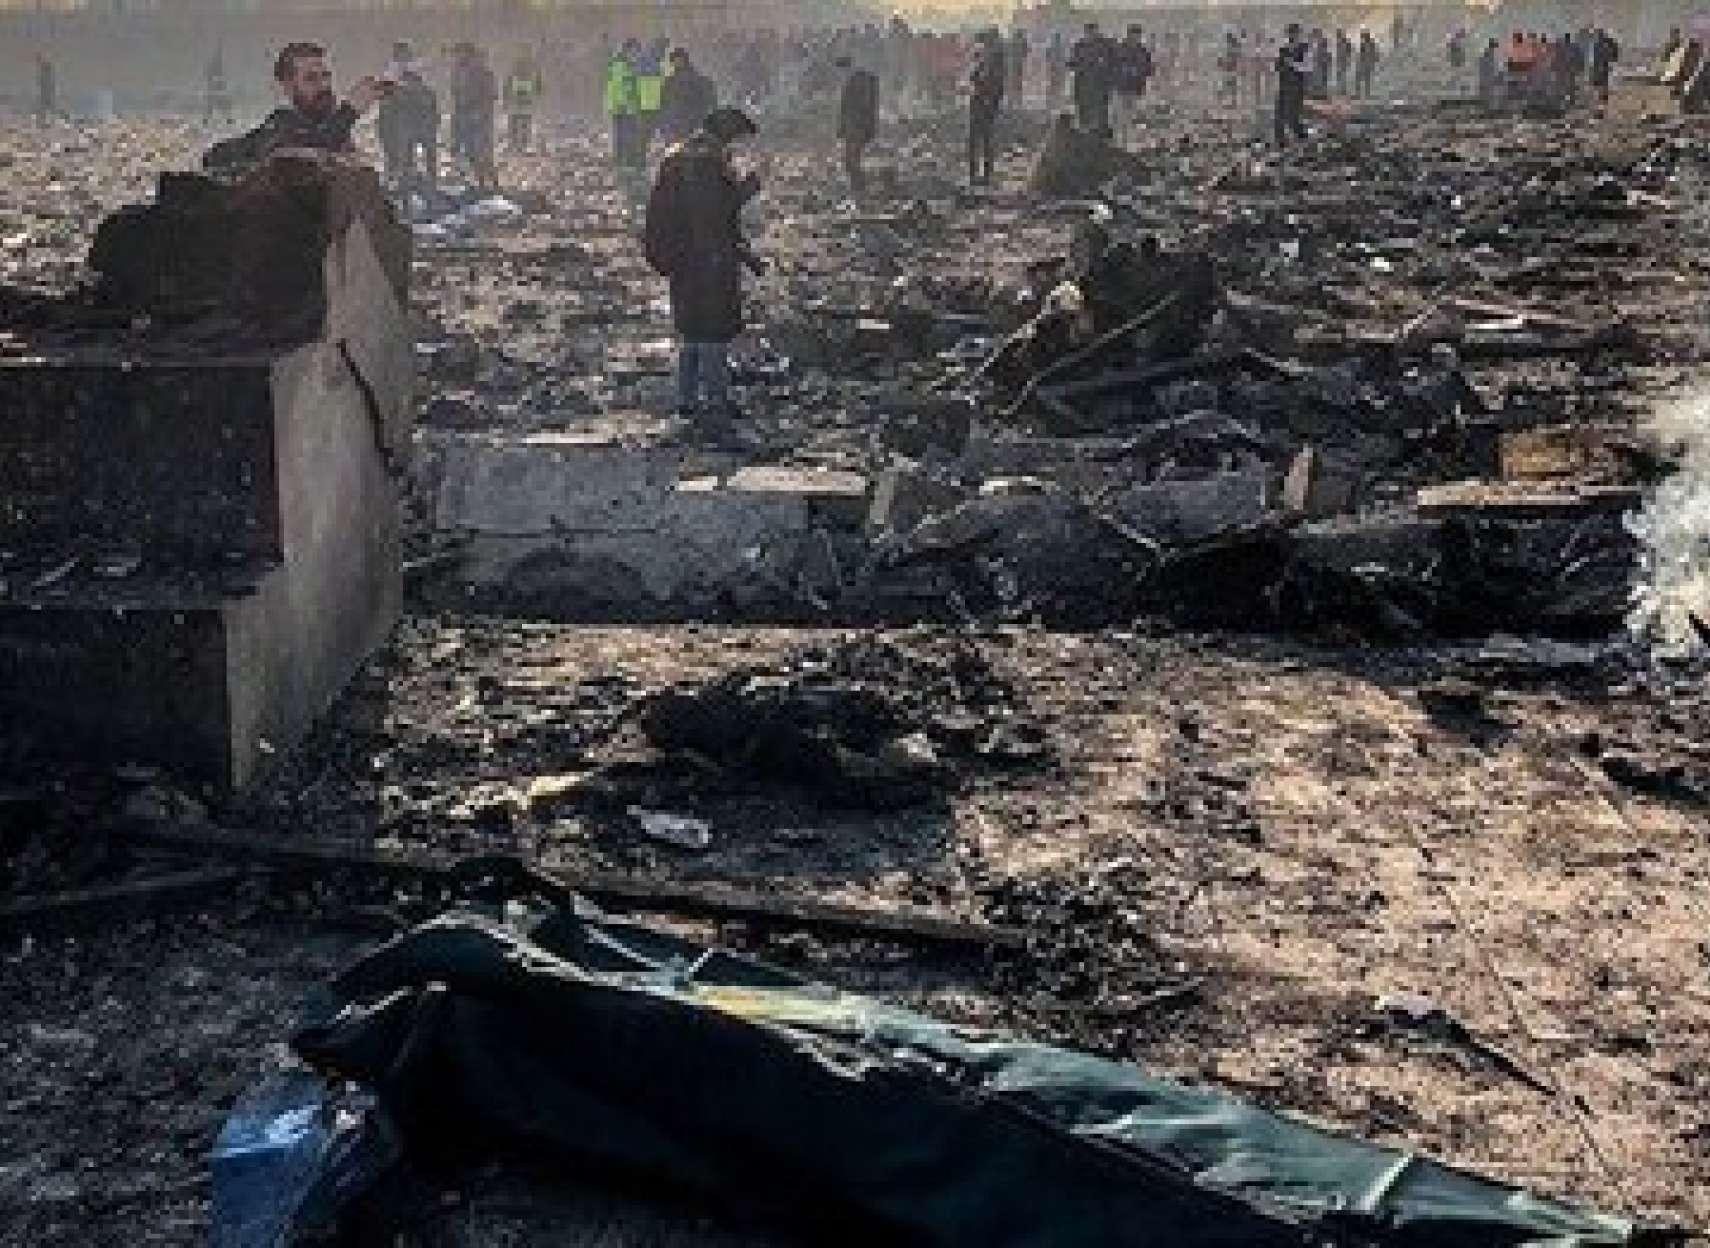 در خواست-کانادا-و-انگلیس-برای-تحقیق-مستقل-درباره-سقوط-هواپیما-اوکراینی